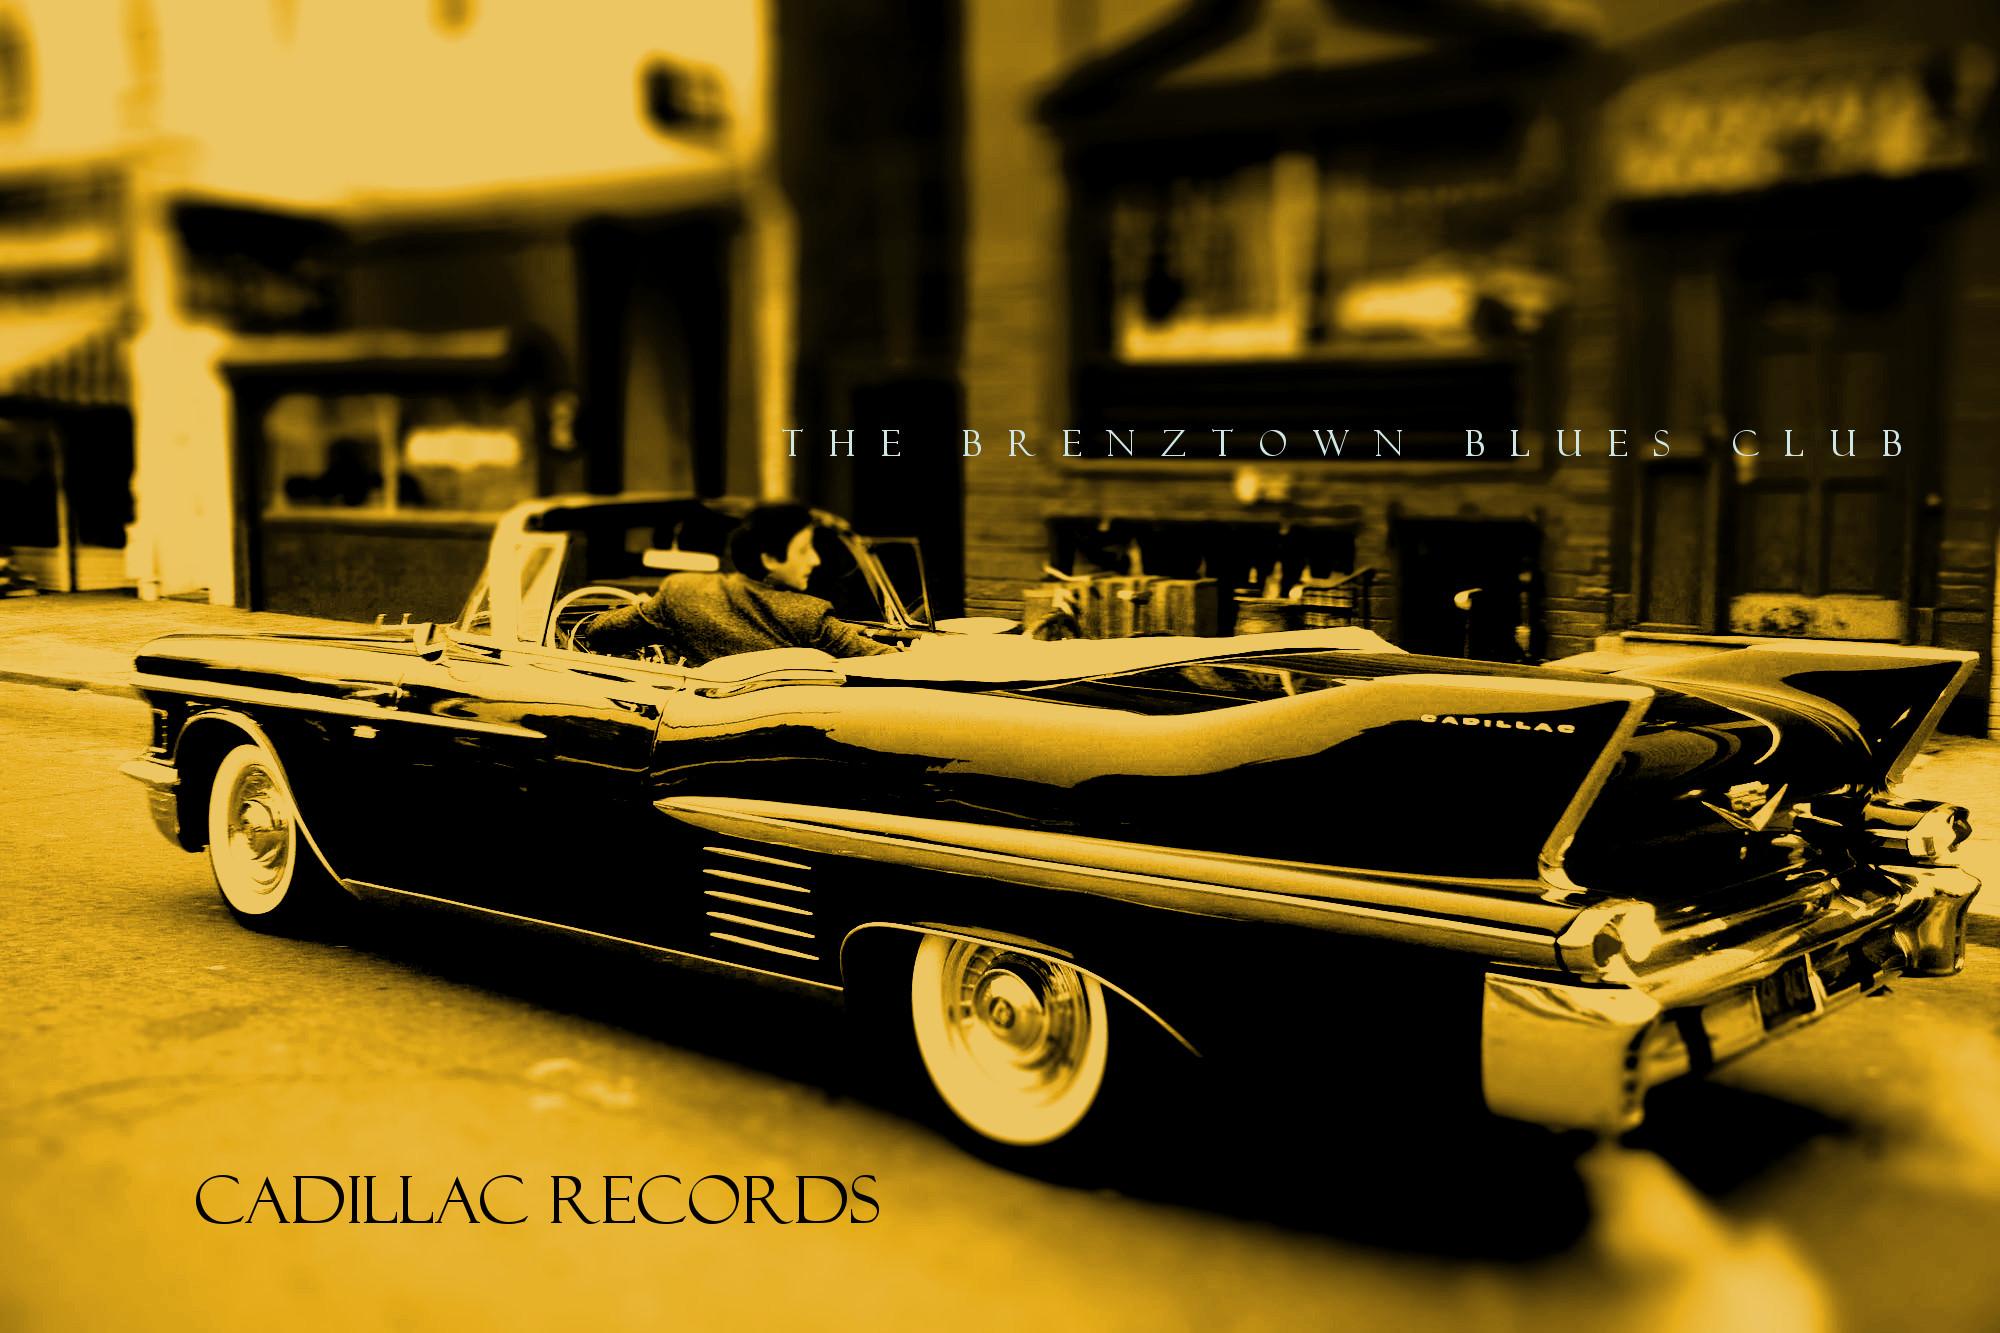 cadillac_records22-tiltshift